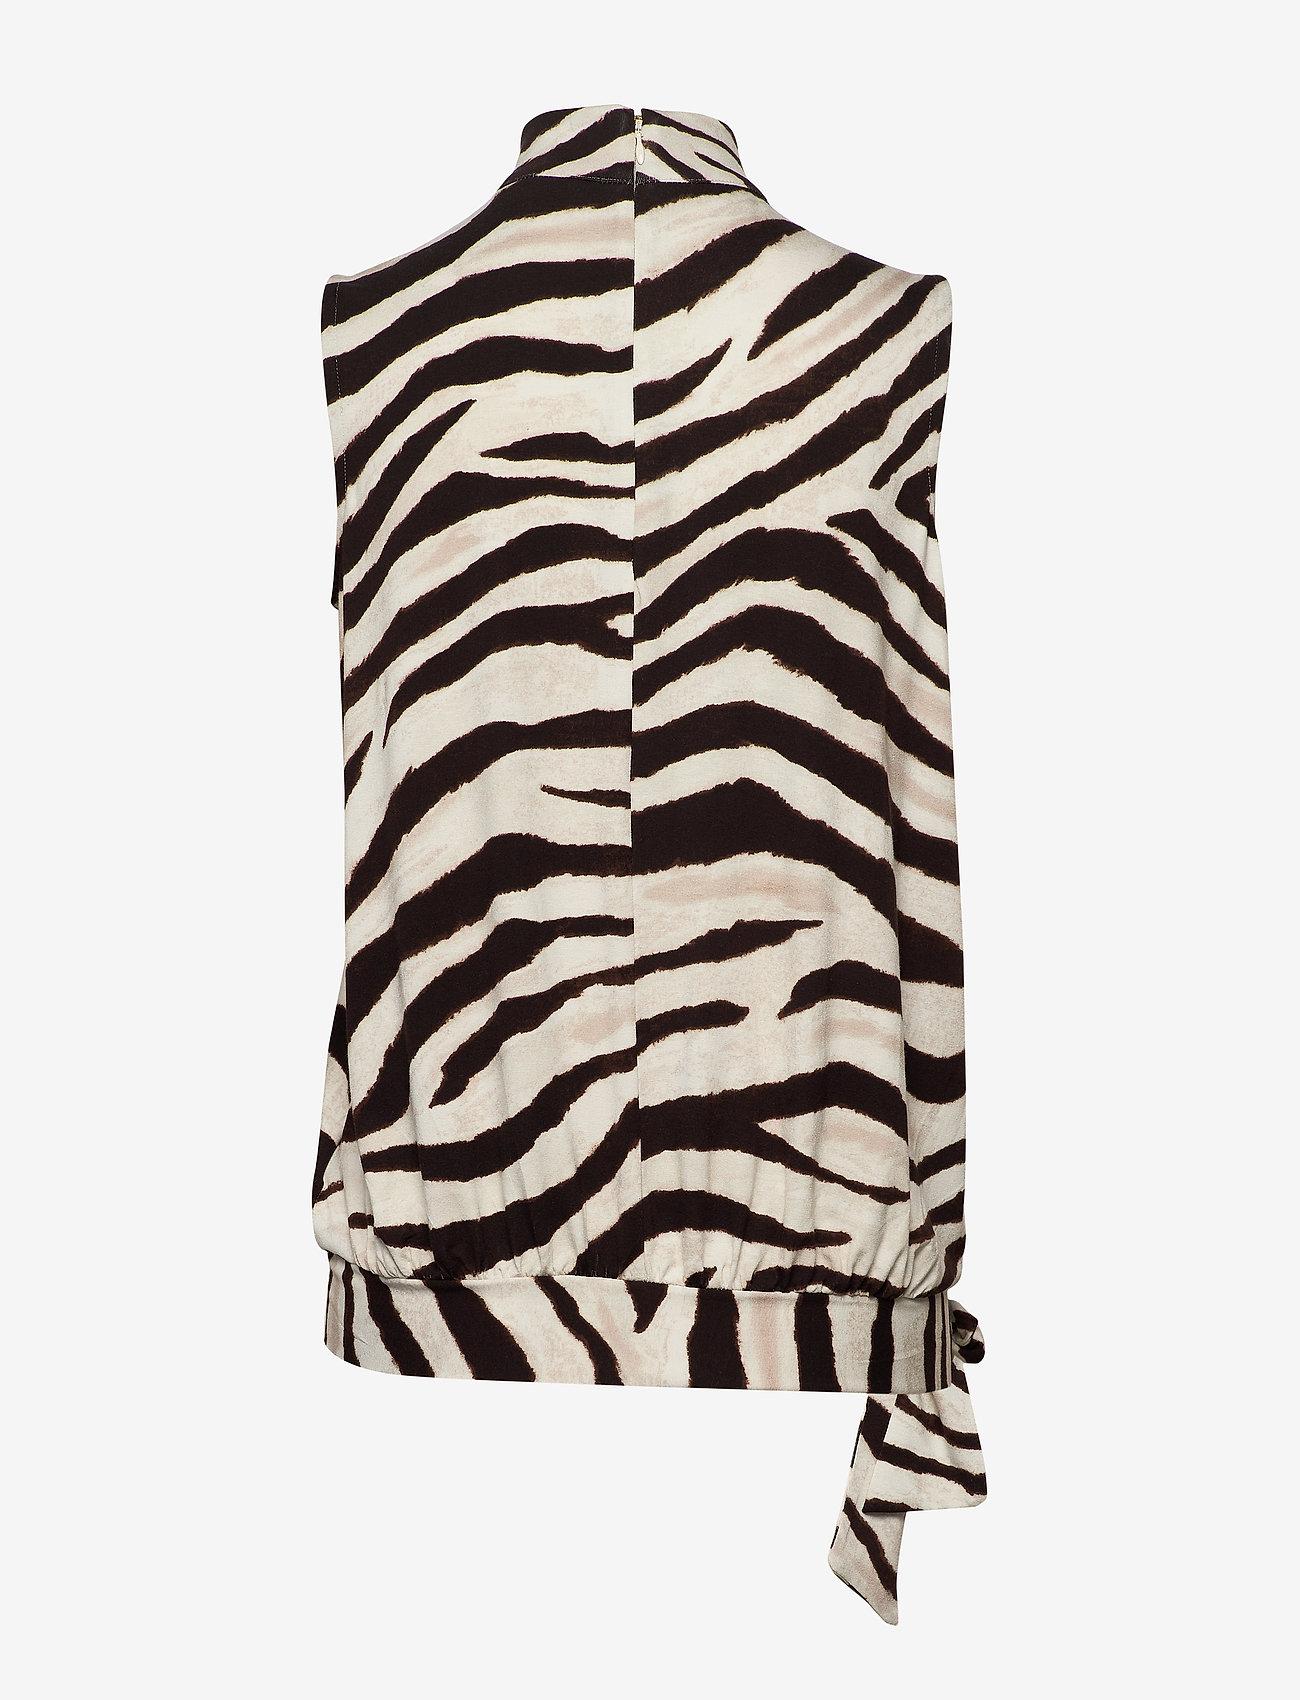 Lauren Ralph Print Jersey Sleeveless Top - Blouses & Shirts